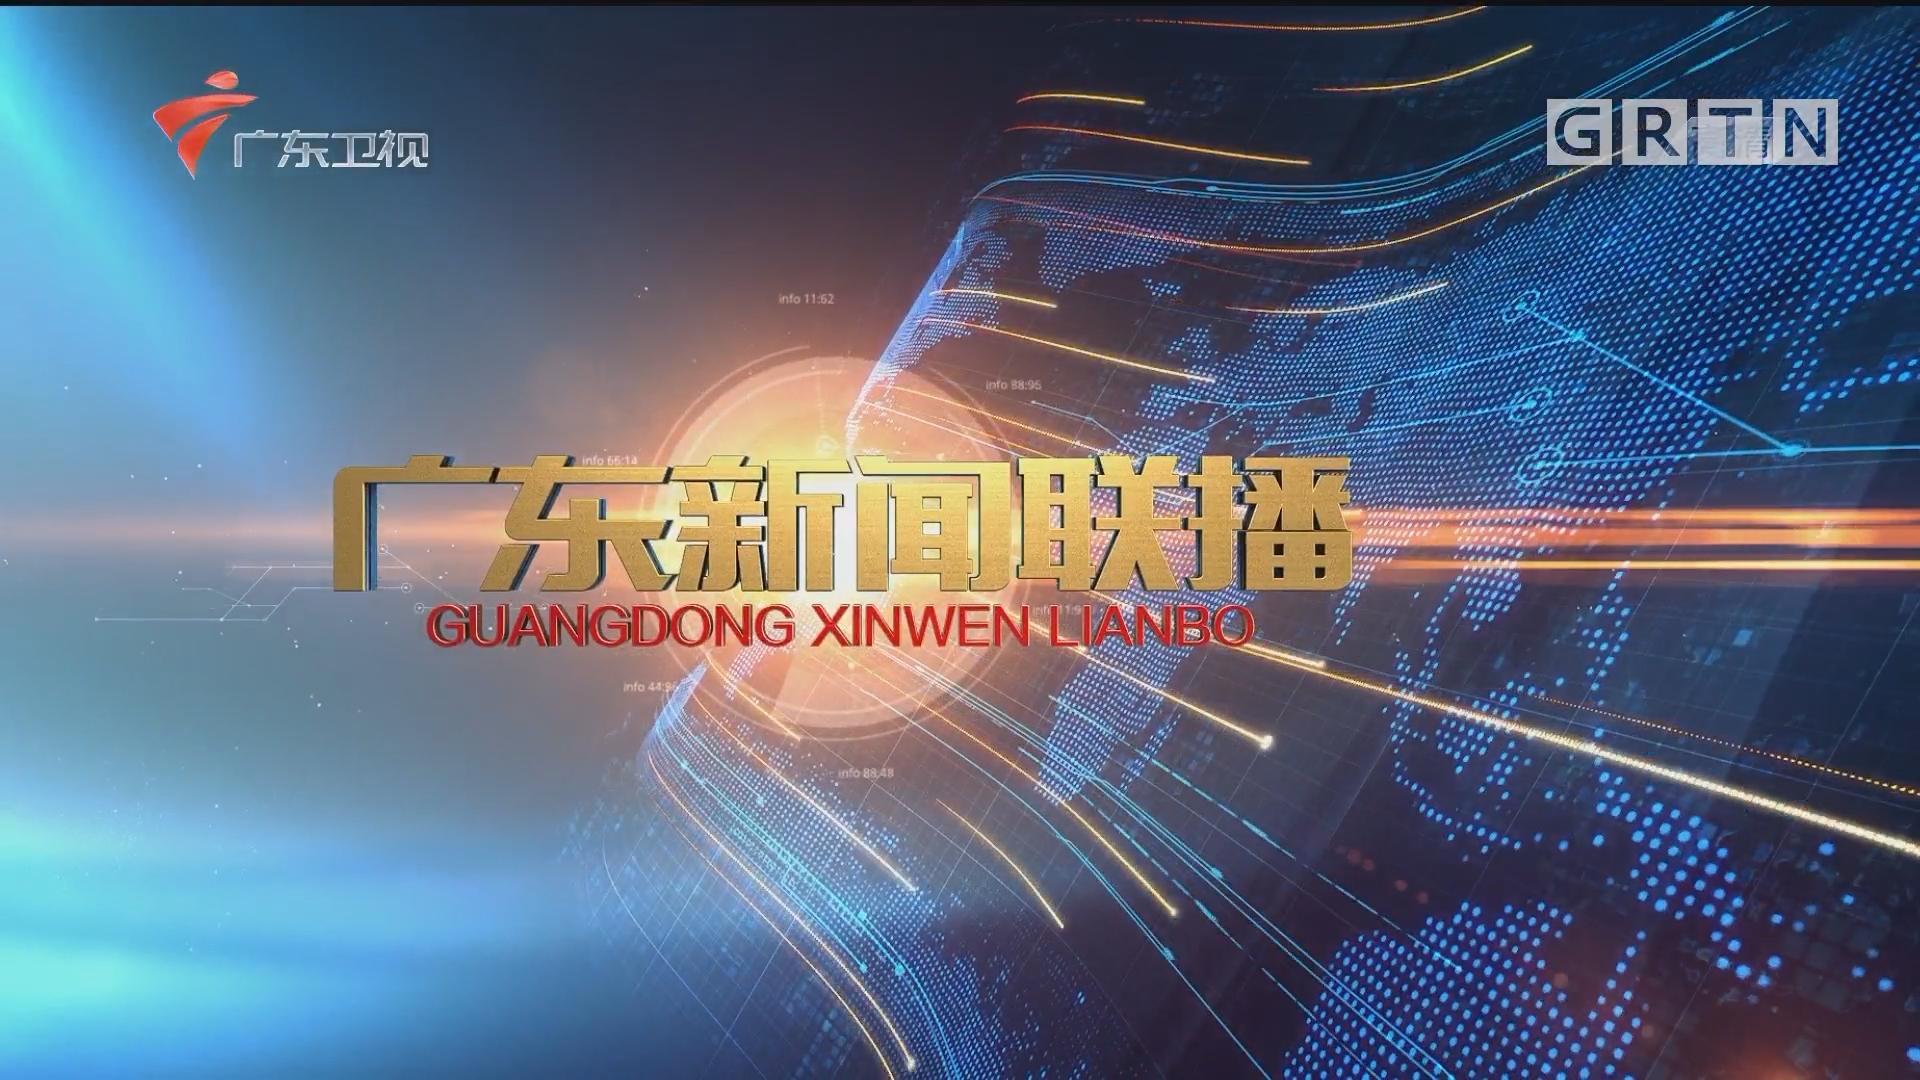 [HD][2018-02-04]广东新闻联播:2018年中央一号文件公布 全面部署实施乡村振兴战略